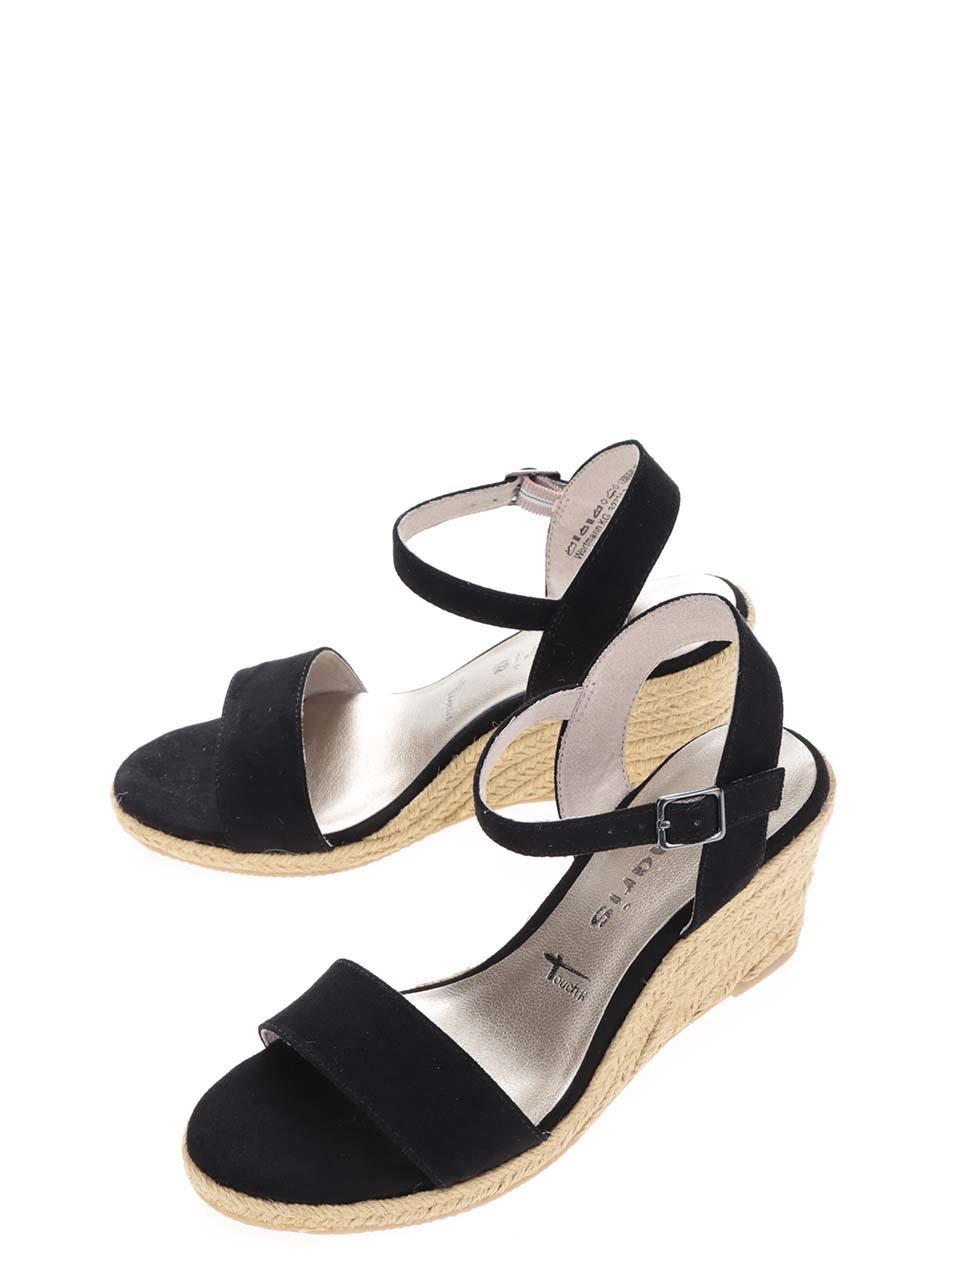 4f7ef276c2b88 Čierne remienkové sandále v semišovej úprave na platforme Tamaris ...